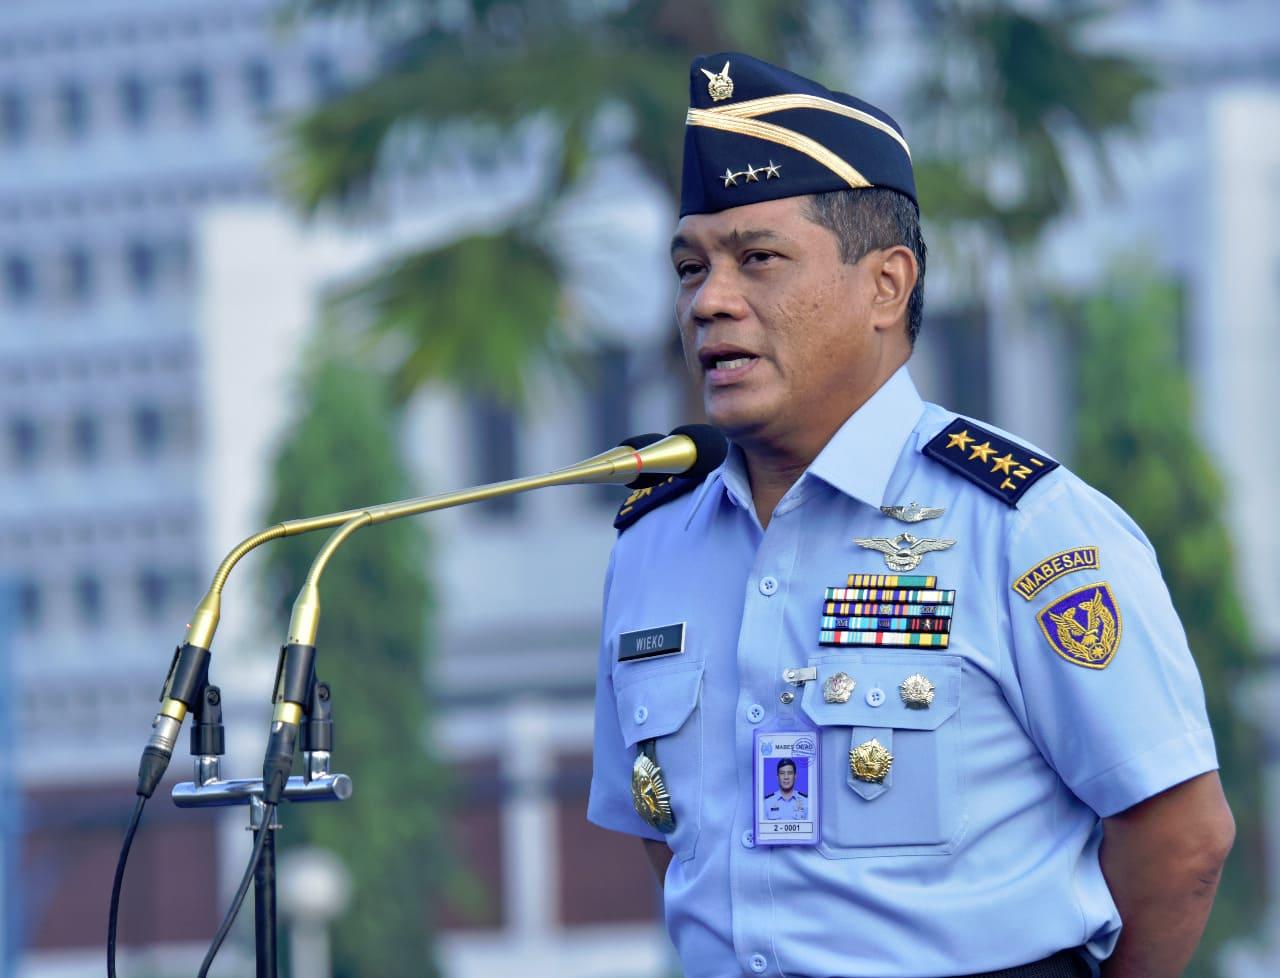 Pimpin Apel Khusus, Wakasau Apresiasi Kinerja Prajurit dan PNS TNI AU